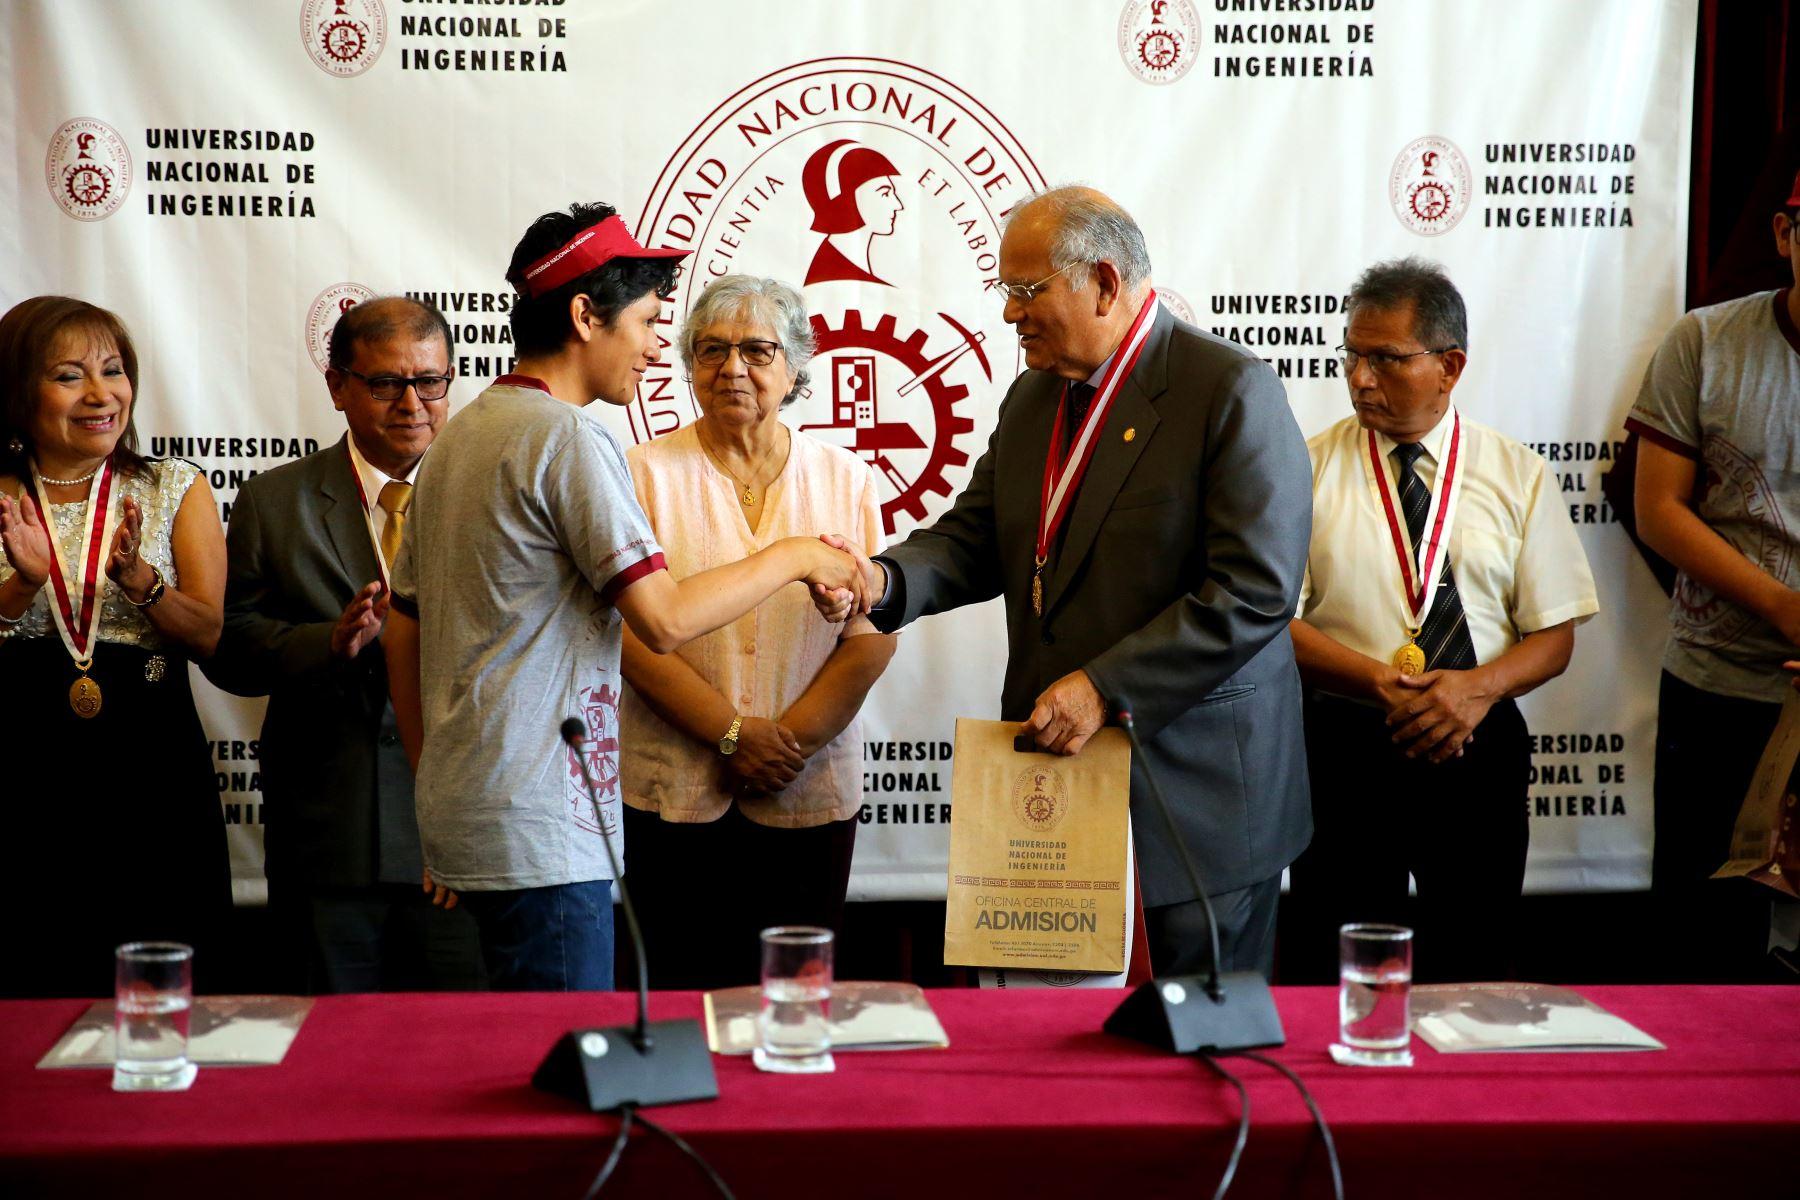 Reconocimiento de los primeros puestos al examen de admisión 2019 en la Universidad Nacional de Ingeniería. Foto: ANDINA/Luis Iparraguirre